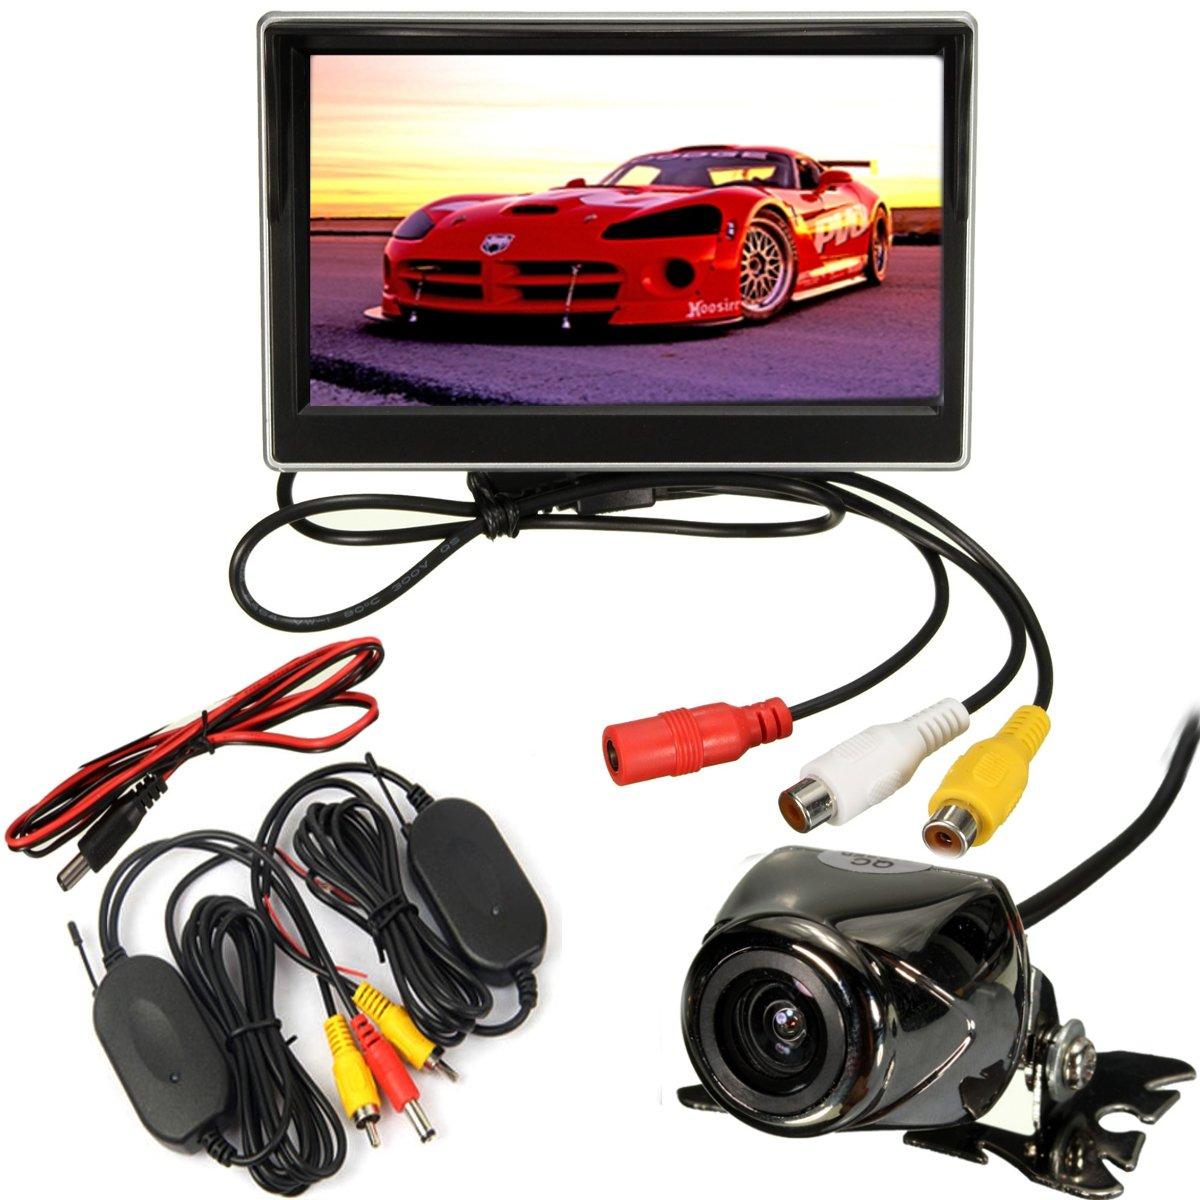 5インチLCDモニターミラーとワイヤレスIR逆車リアビューバックアップカメラキット B075Z368DR